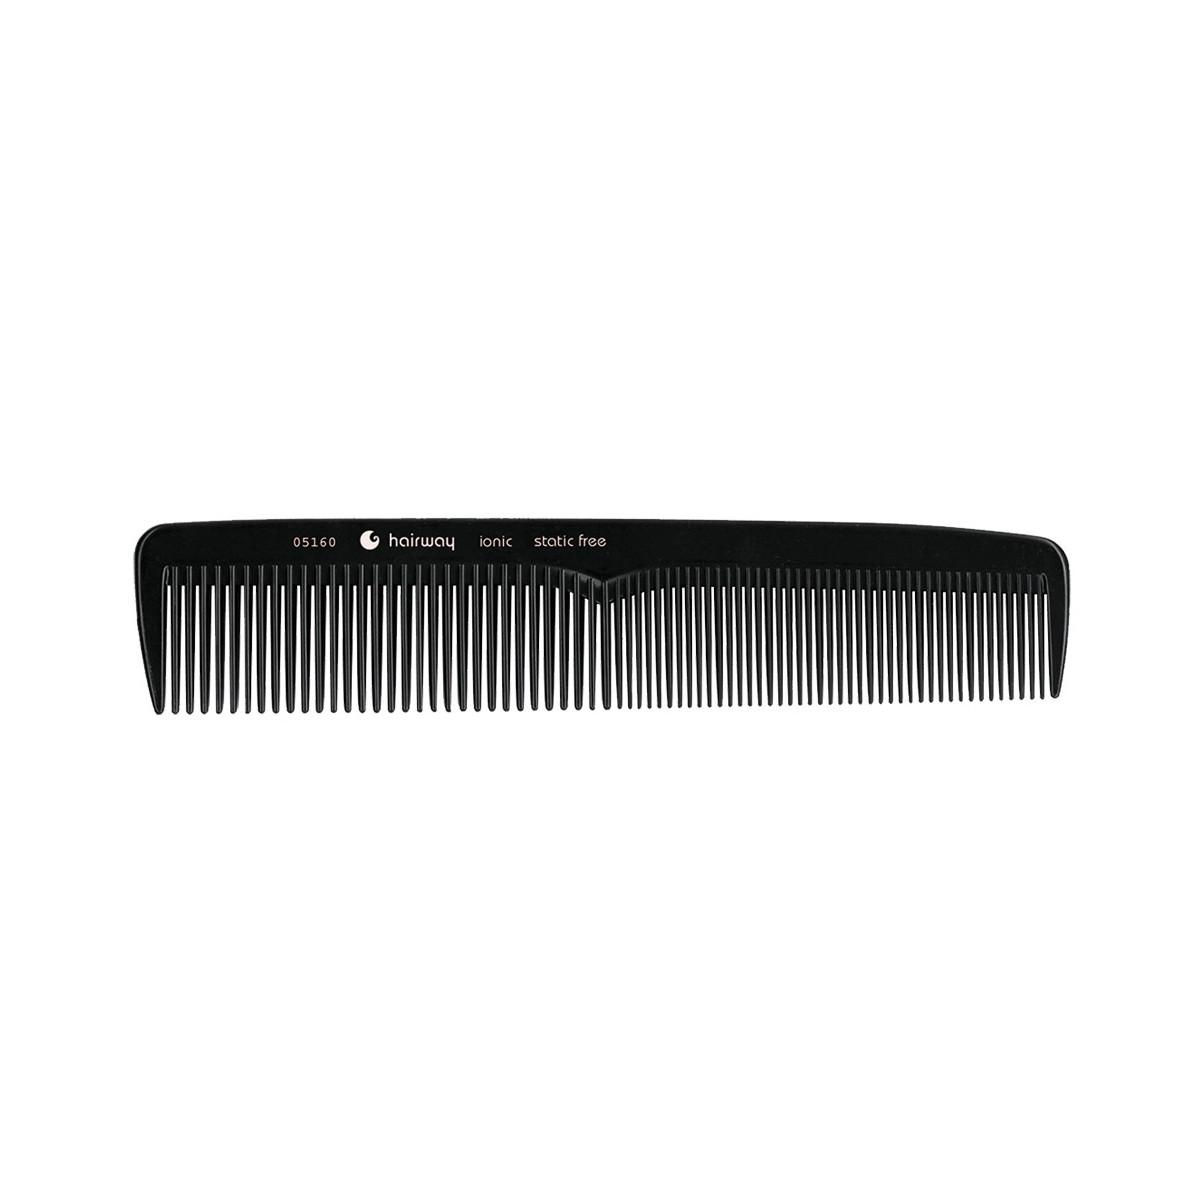 Гребень Hairway 05160 ионный антистатичный 192 мм